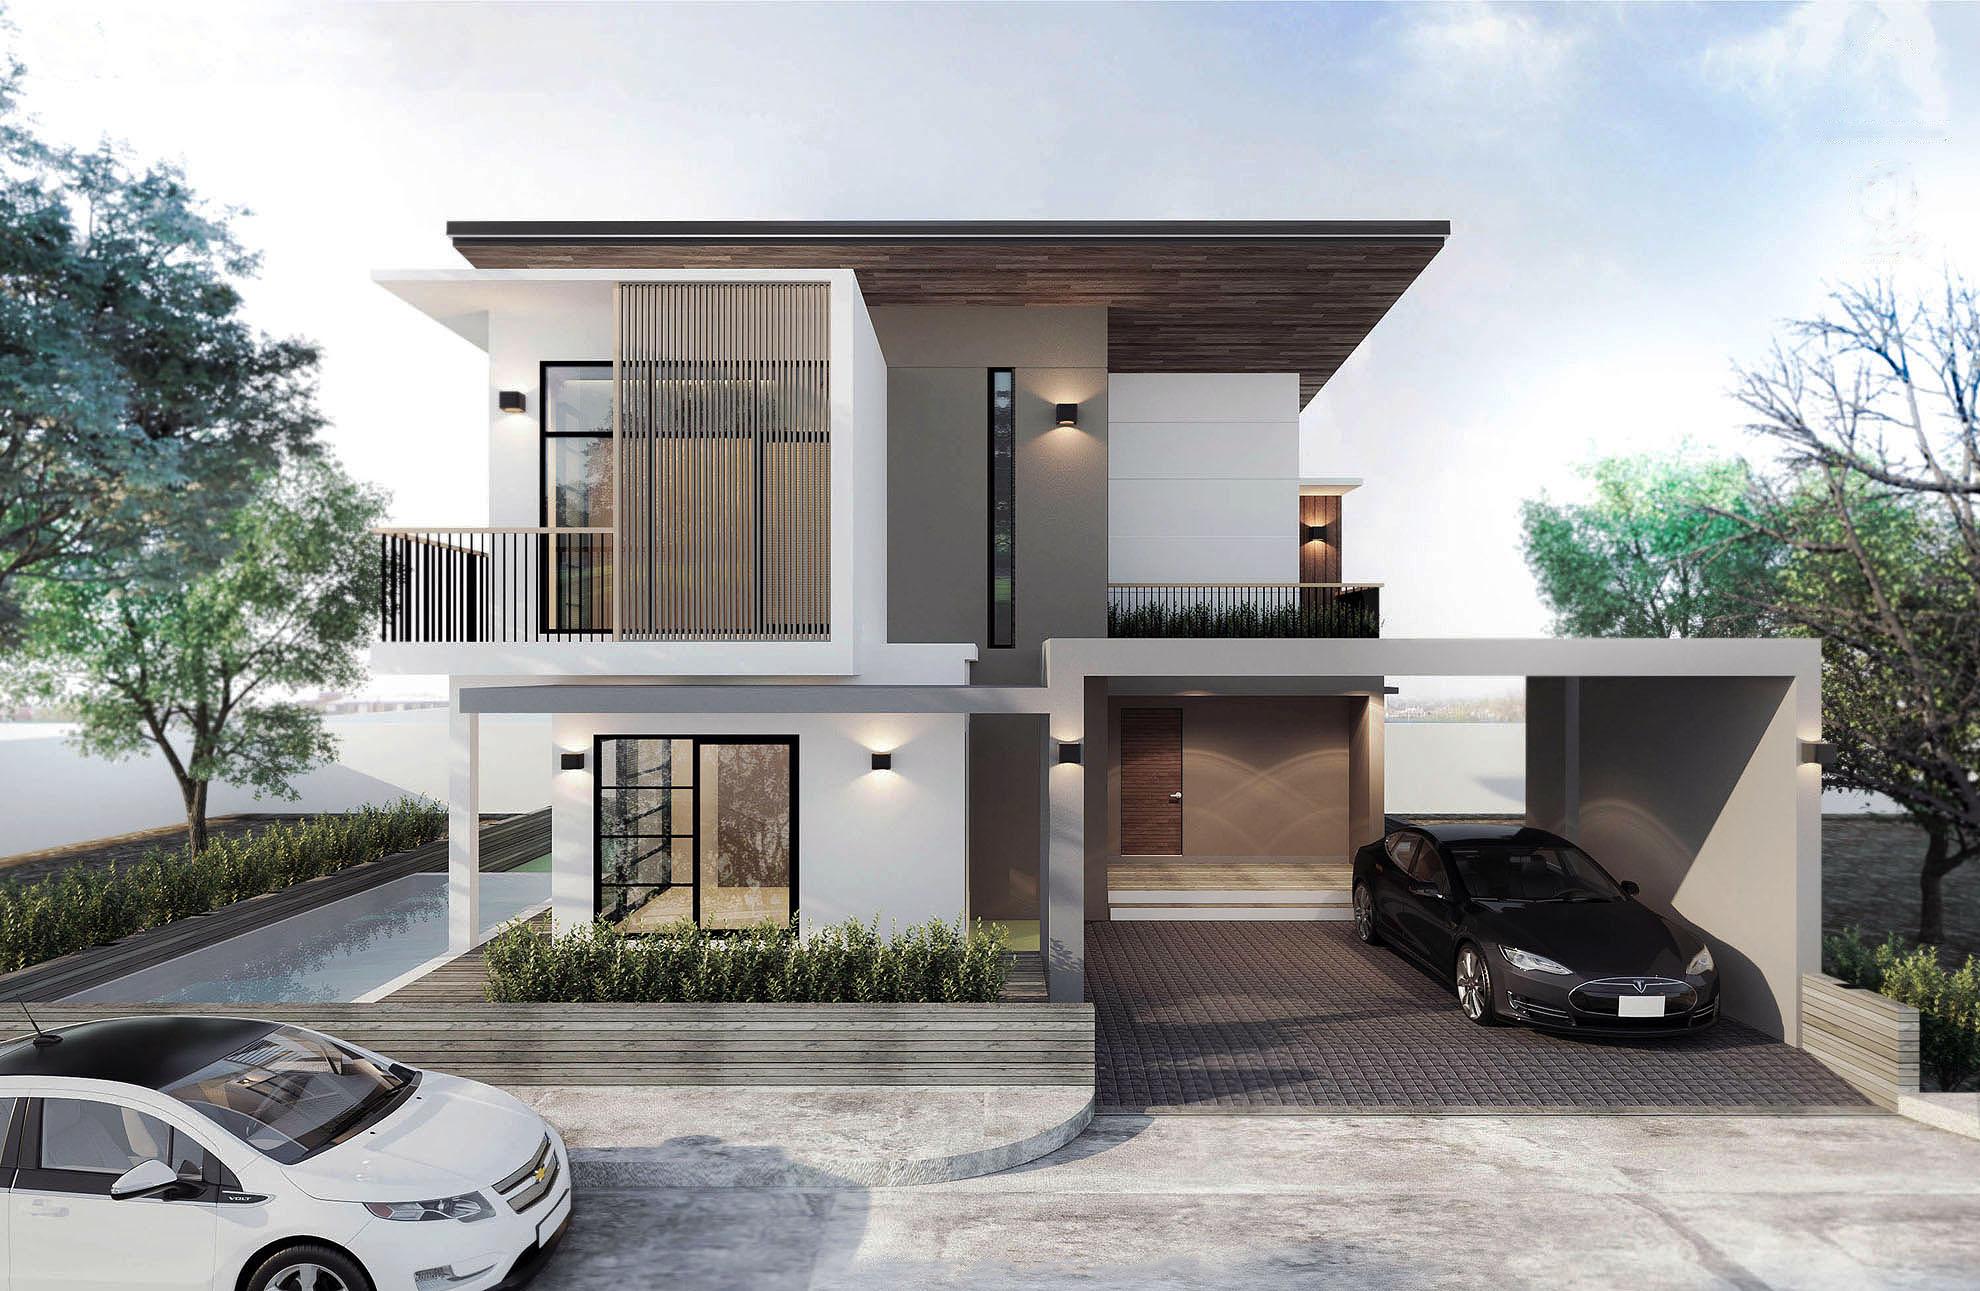 The-Bright-1-Architecture-qconhome-contractor